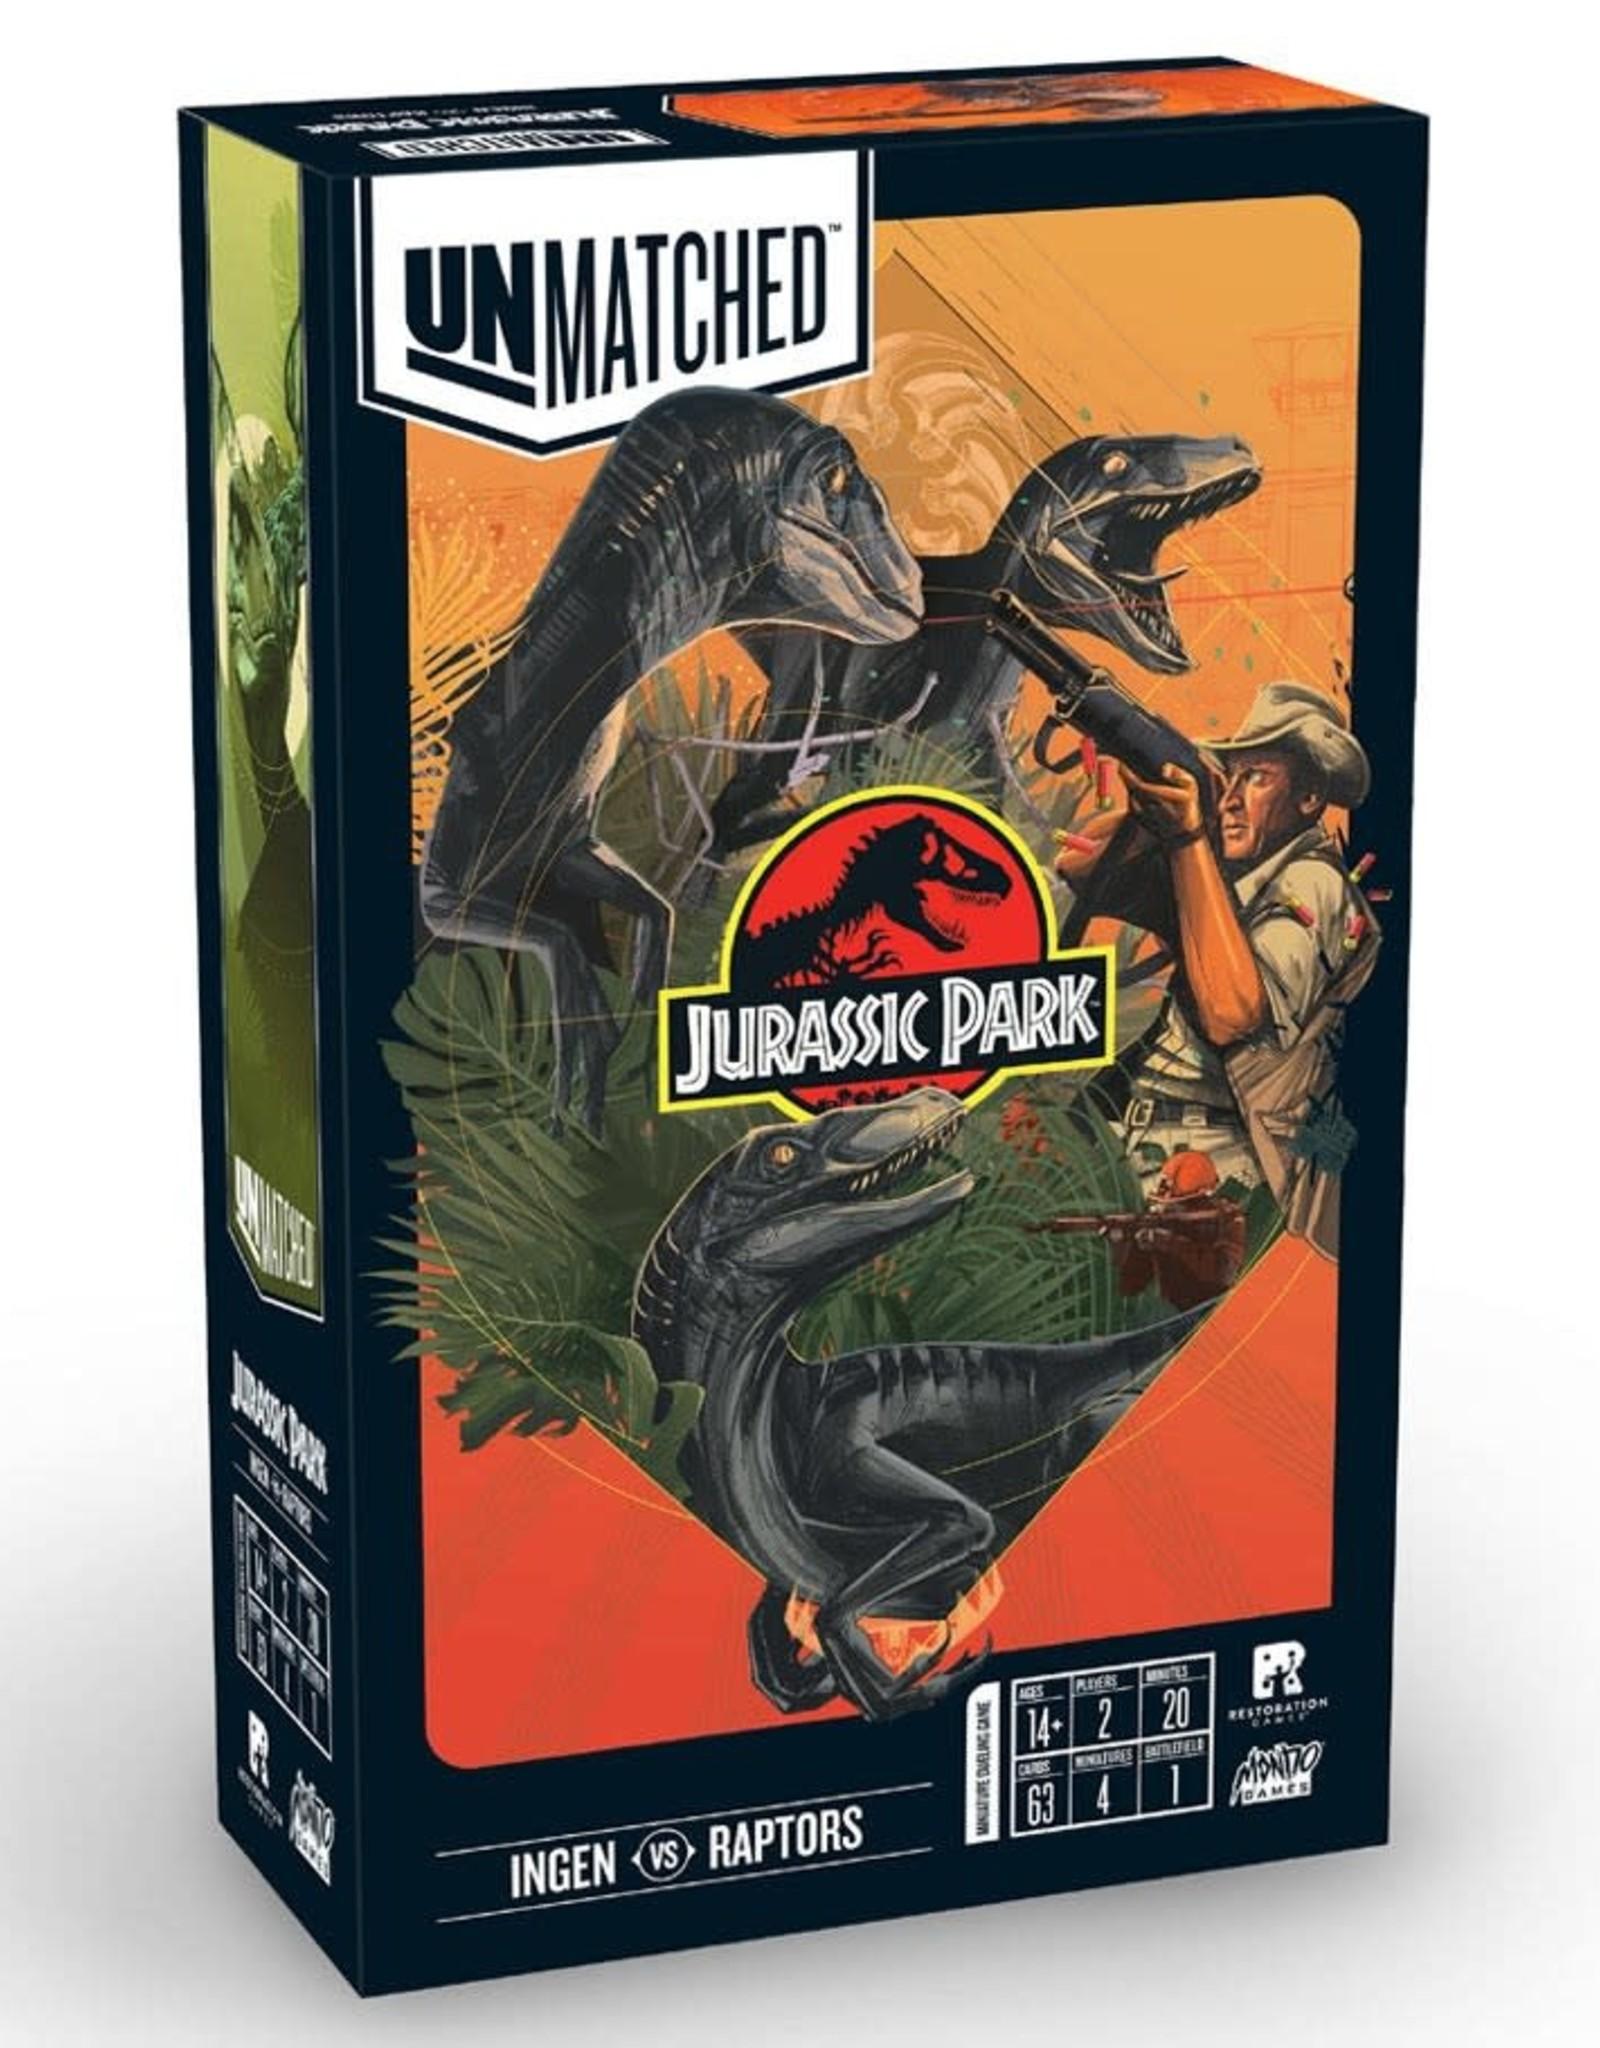 Restoration Games Unmatched: Jurassic Park Ingen vs. Raptors